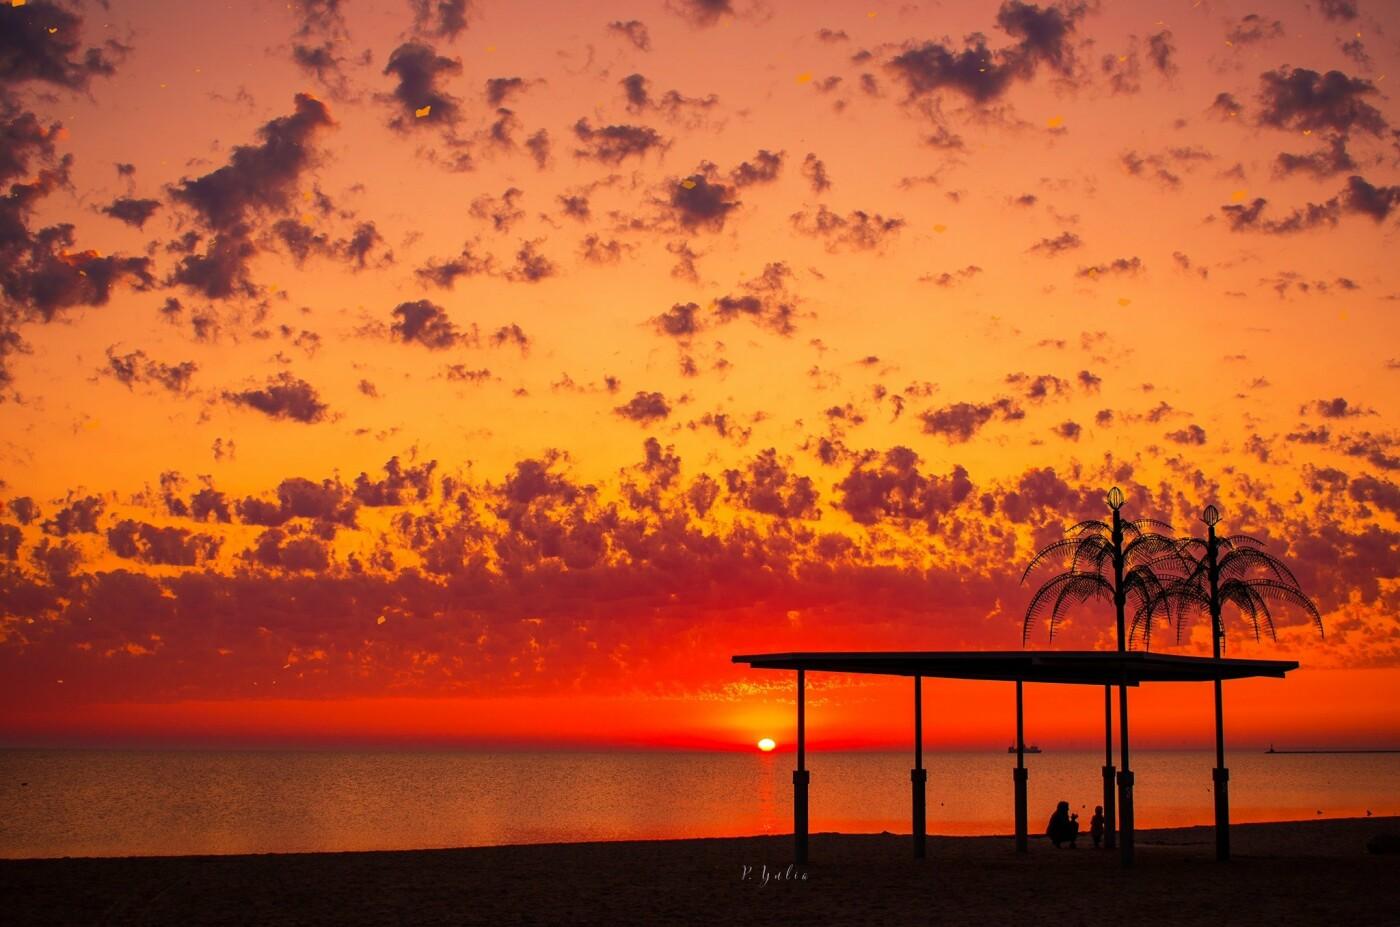 Мудрость от 06153: где красивые закаты, там лучший отдых - ВИДЕО, ФОТО, фото-6, Юлия Покас